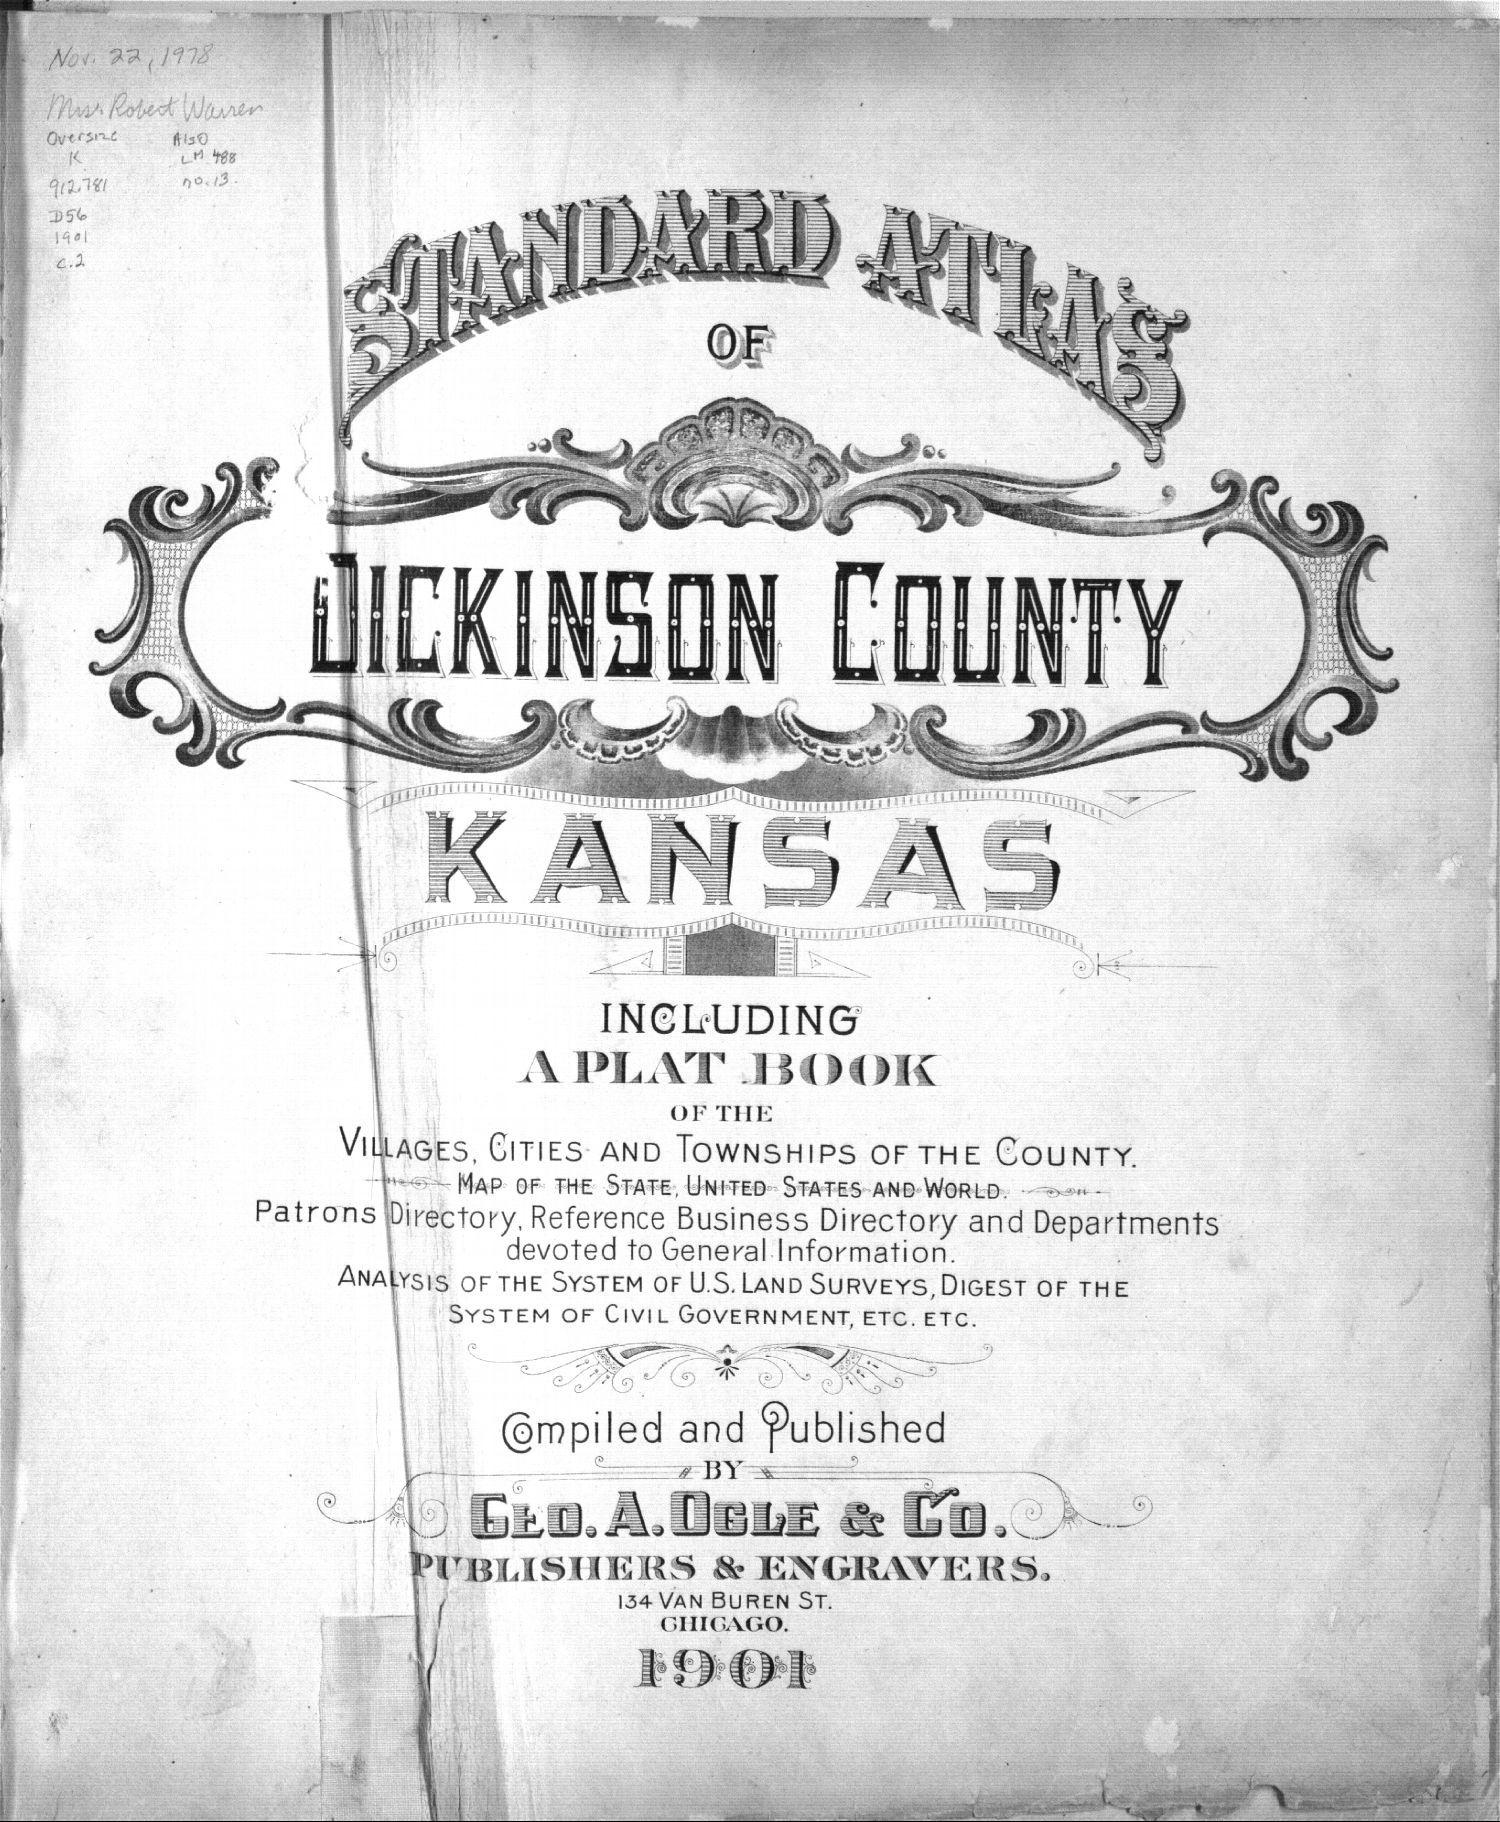 Standard atlas, Dickinson County, Kansas - Title Page